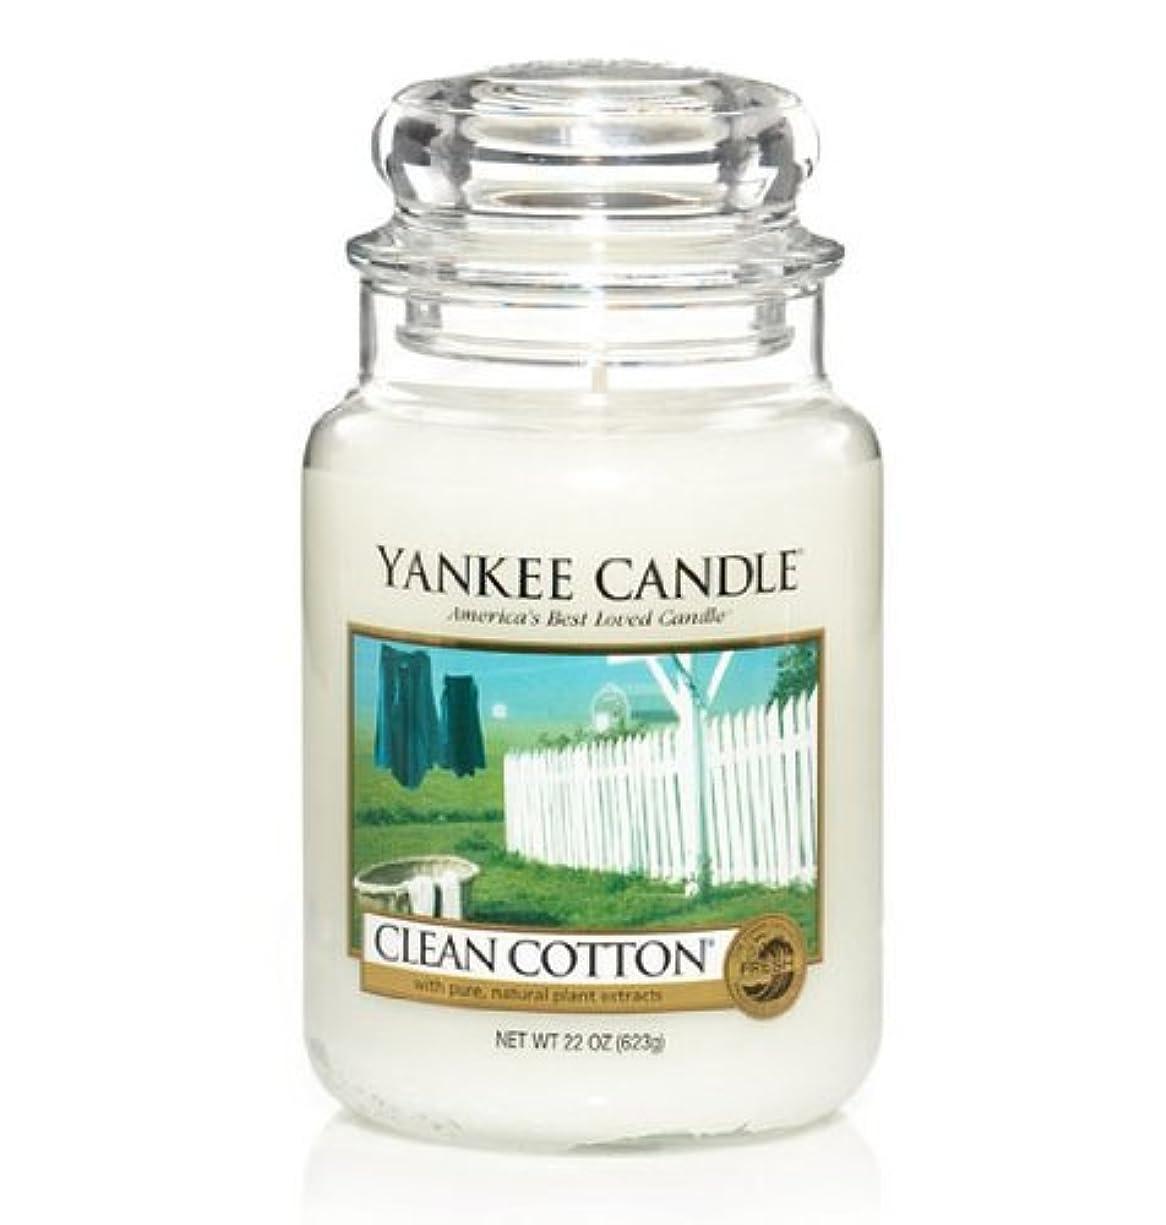 フクロウあいさつサミットYankee Candle Clean Cotton Large Jar 22oz Candle [並行輸入品]